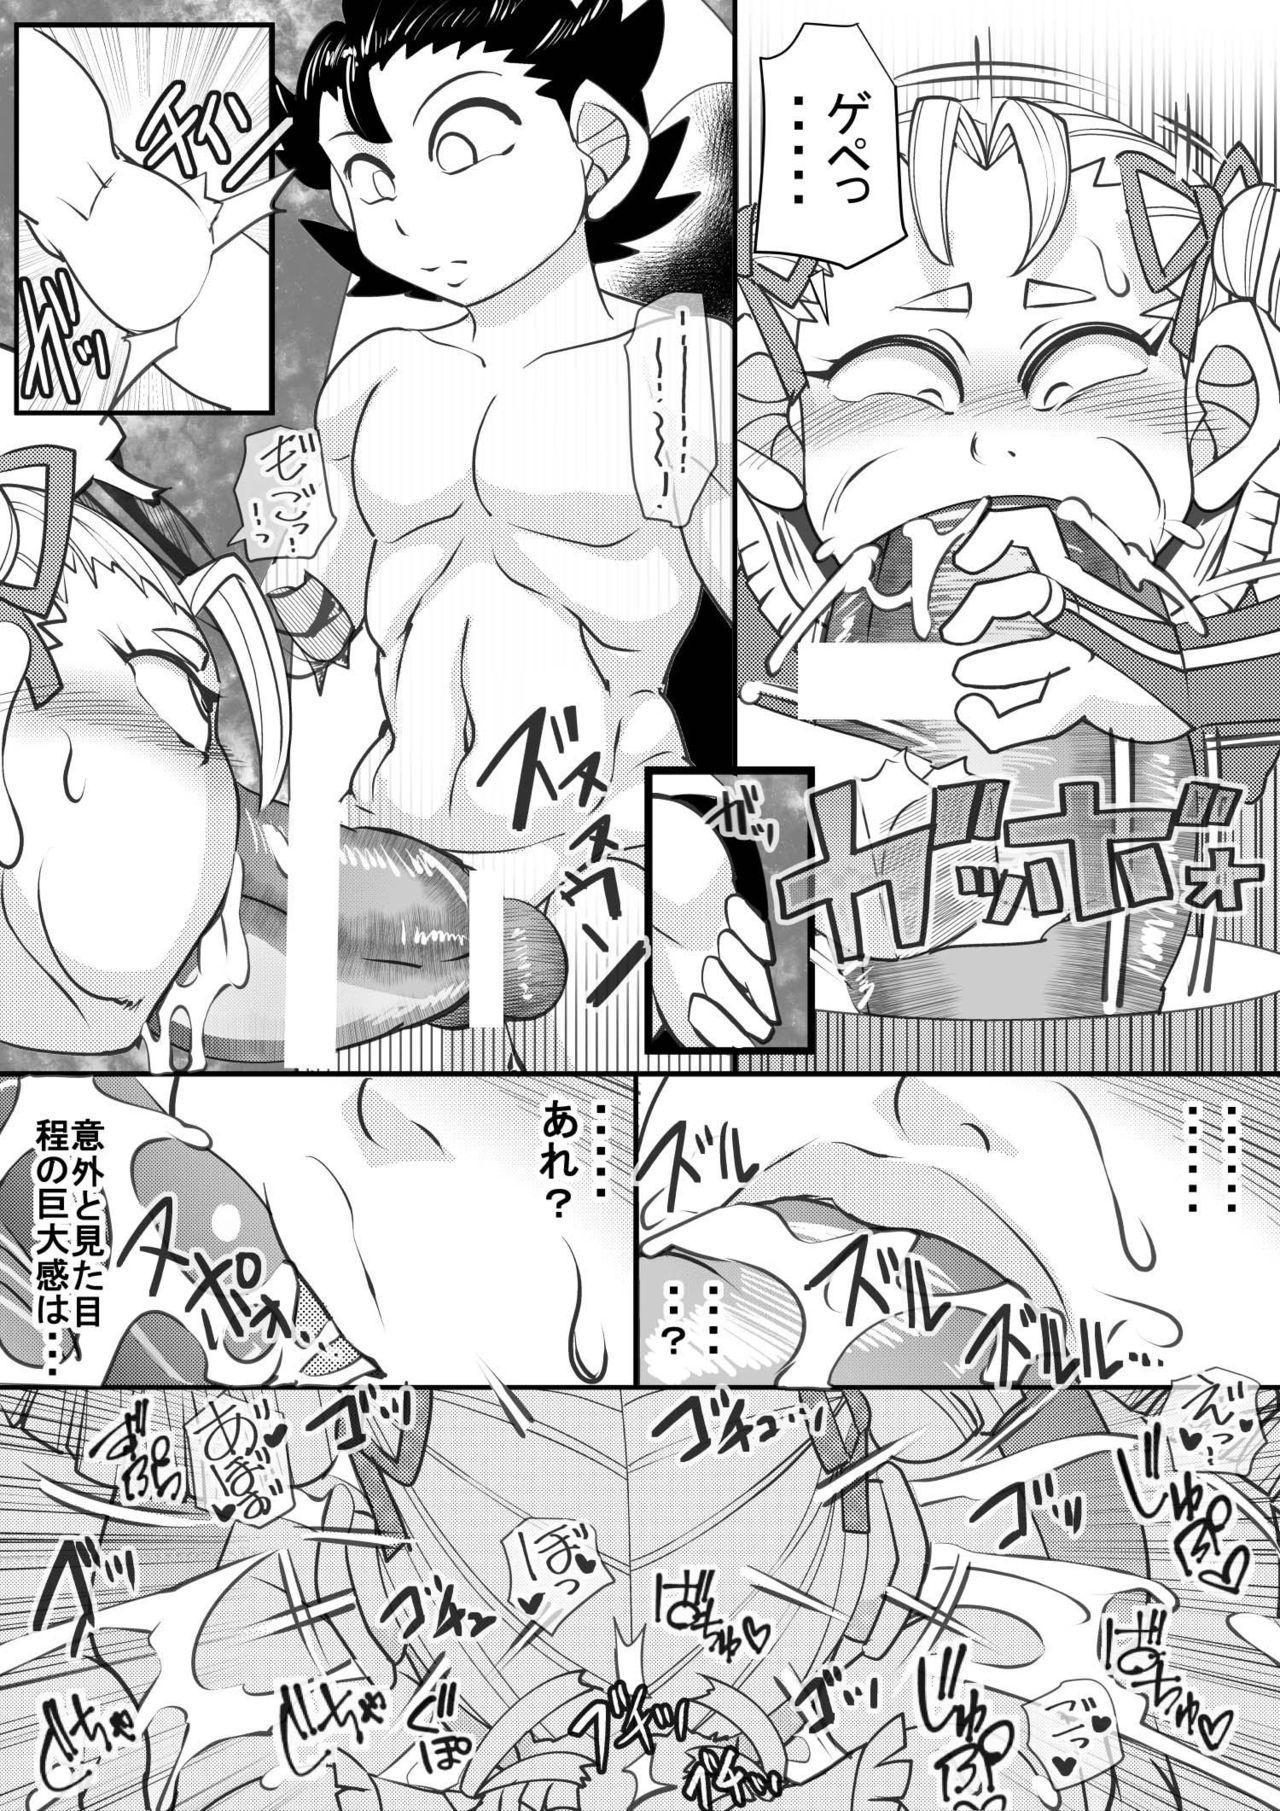 Uchi no Joseito Zenin Haramaseta Kedamono ga Anta no Gakuen ni Iku Rashii yo? 27 15